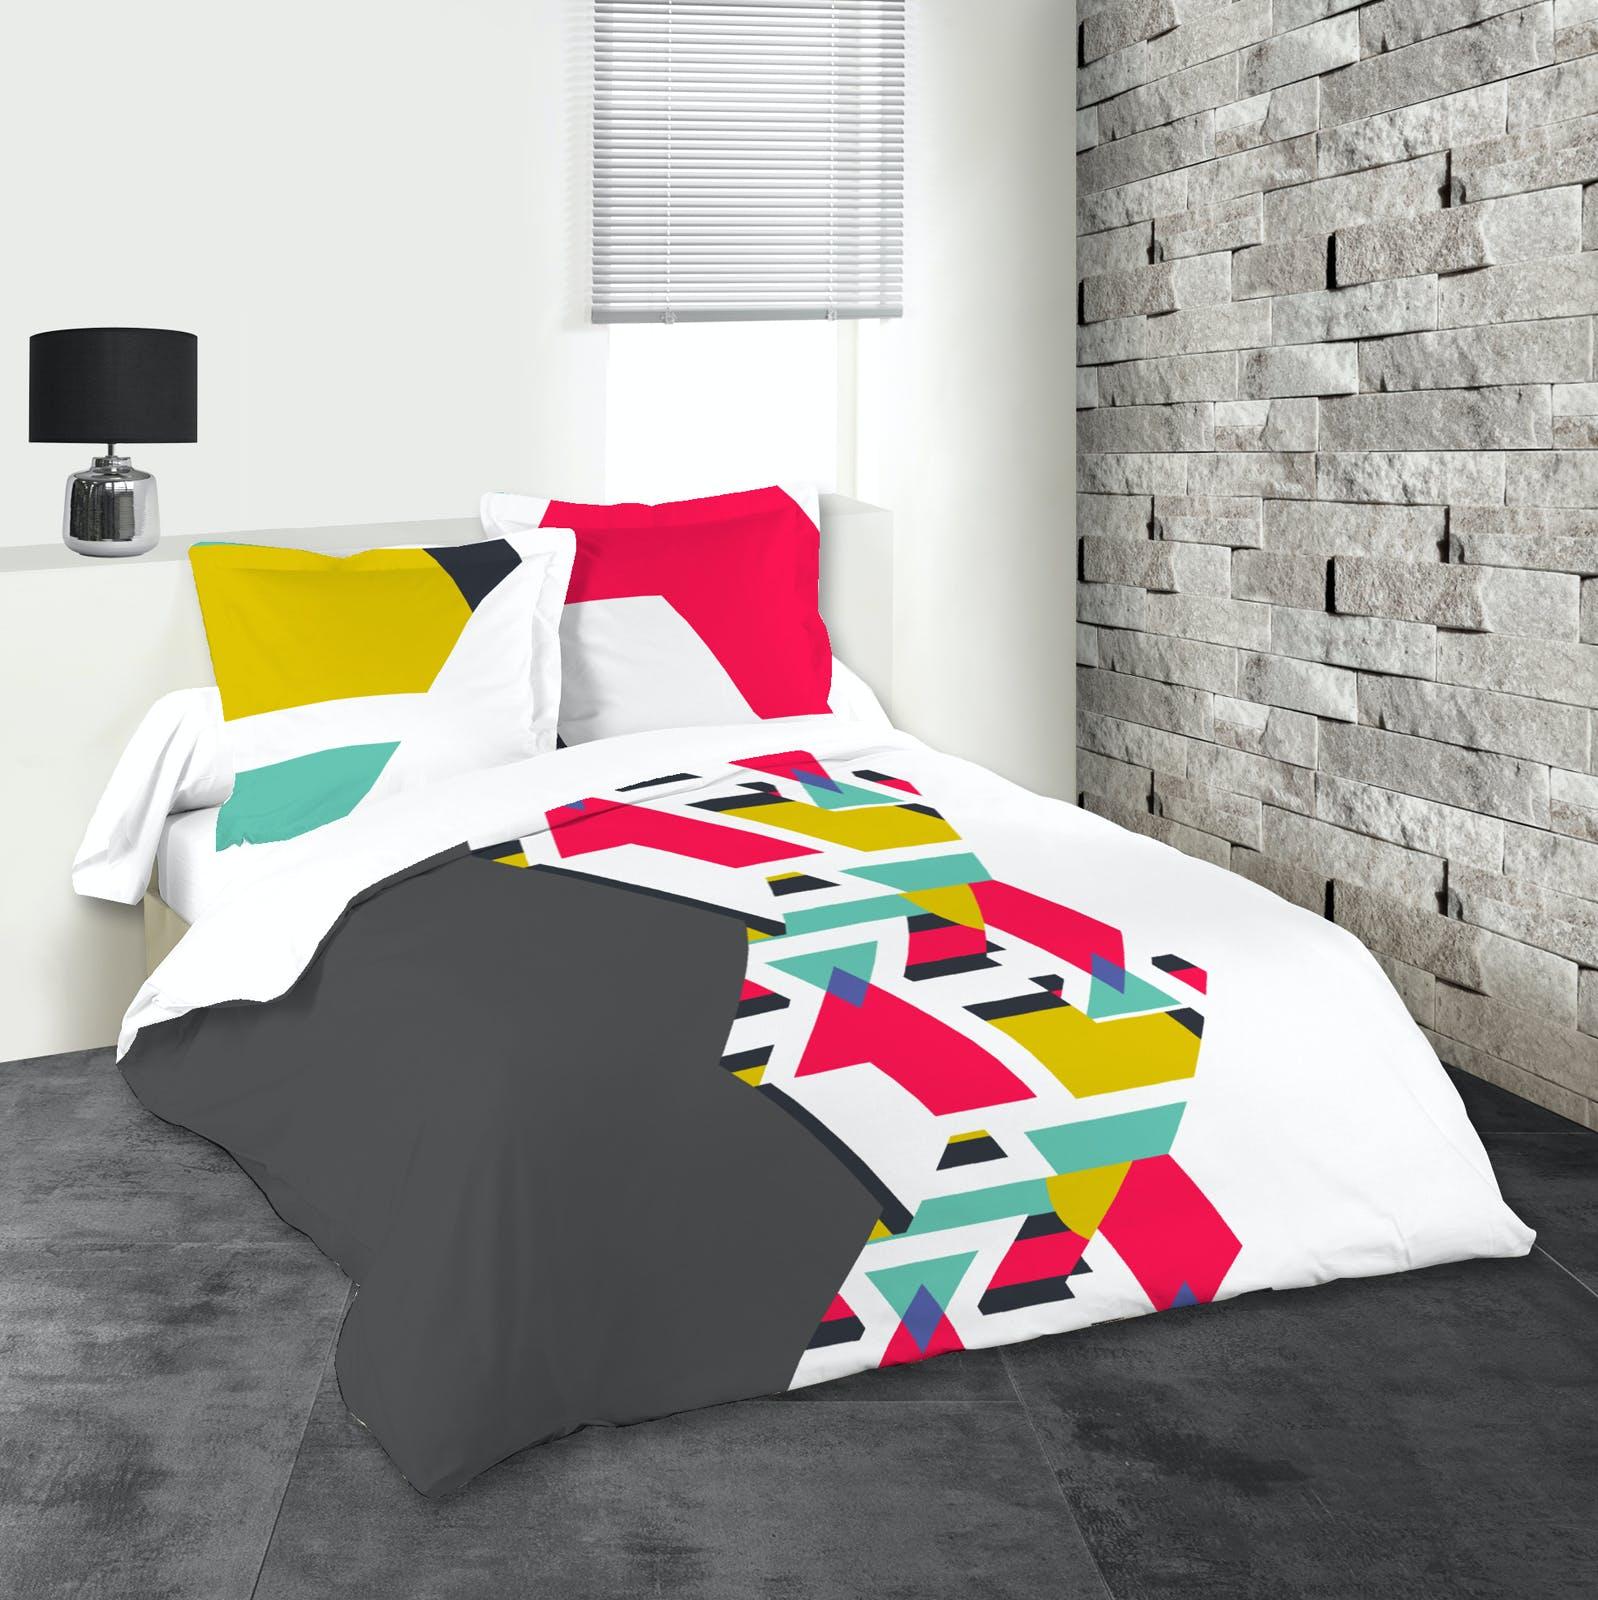 Parure de lit motifs géométriques tons gris, roses et jaunes 240x220 housse de couette + 2 taies 63x63 100% coton STREET